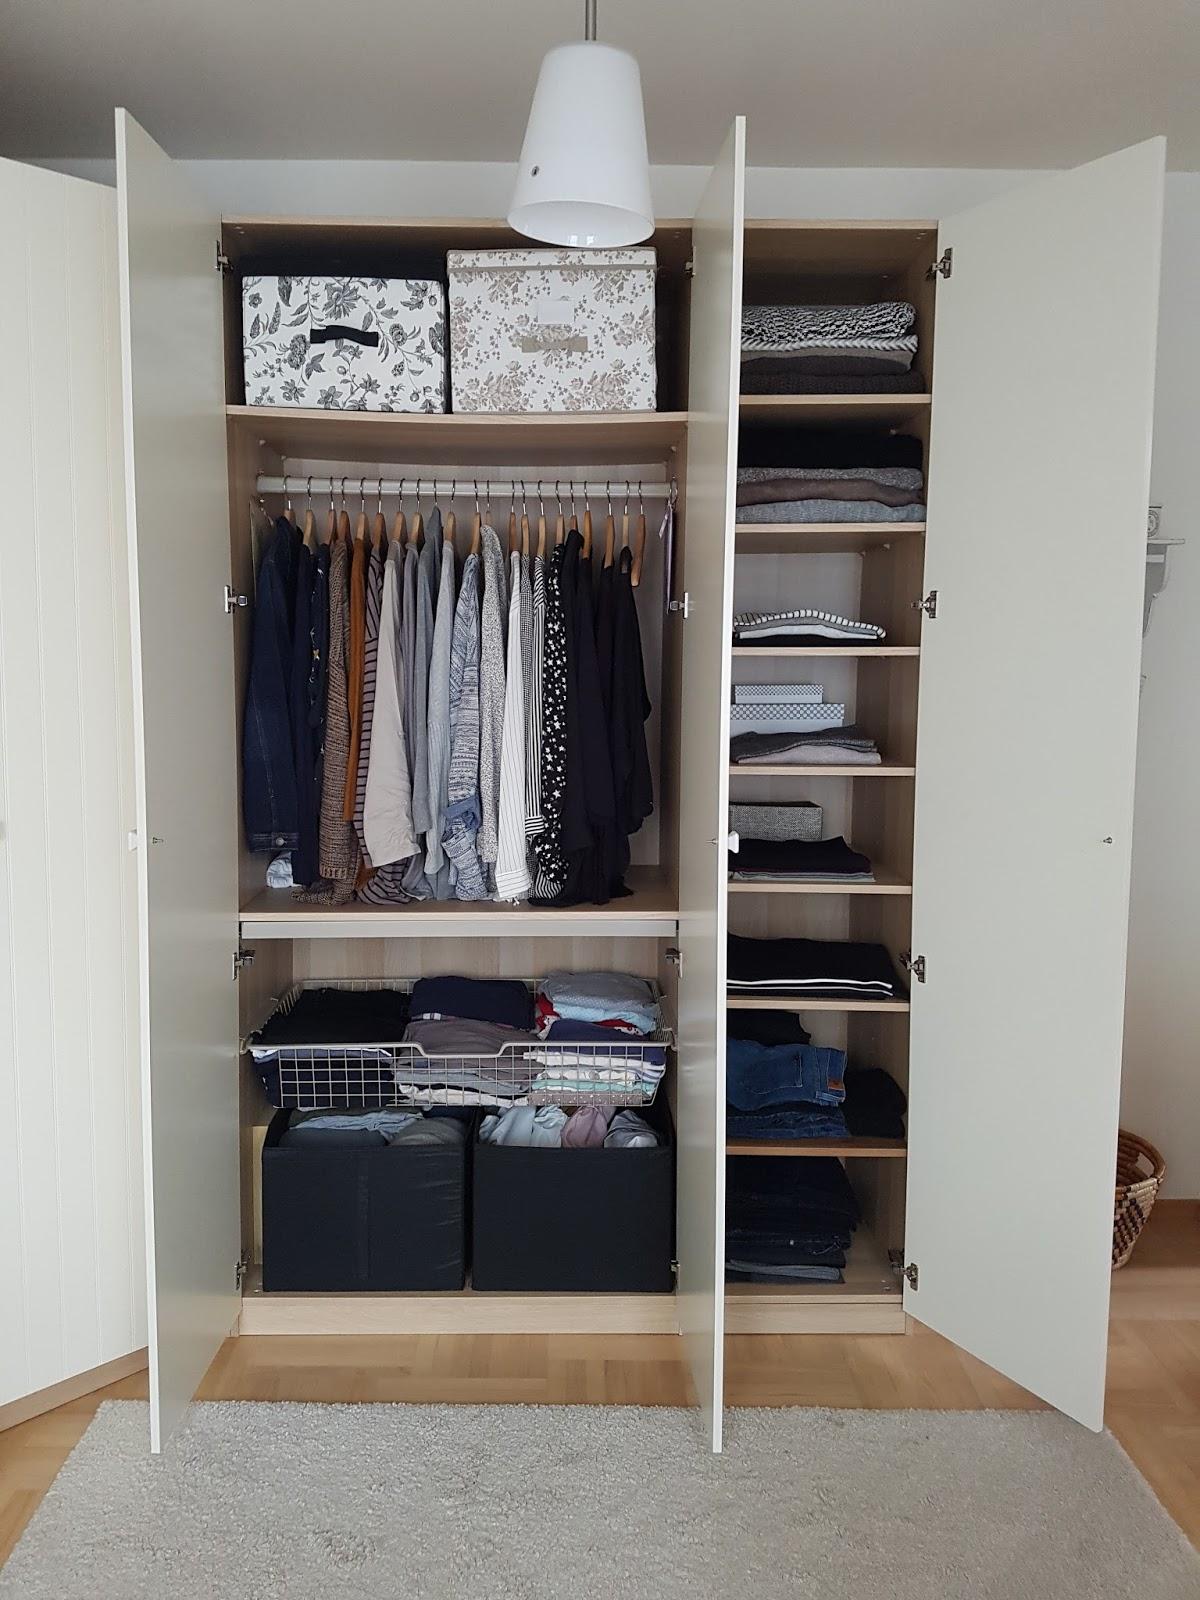 719a408e1b W szafie oprócz ubrań trzymam na dole swoje torebki. Jestem w nich  zakochana